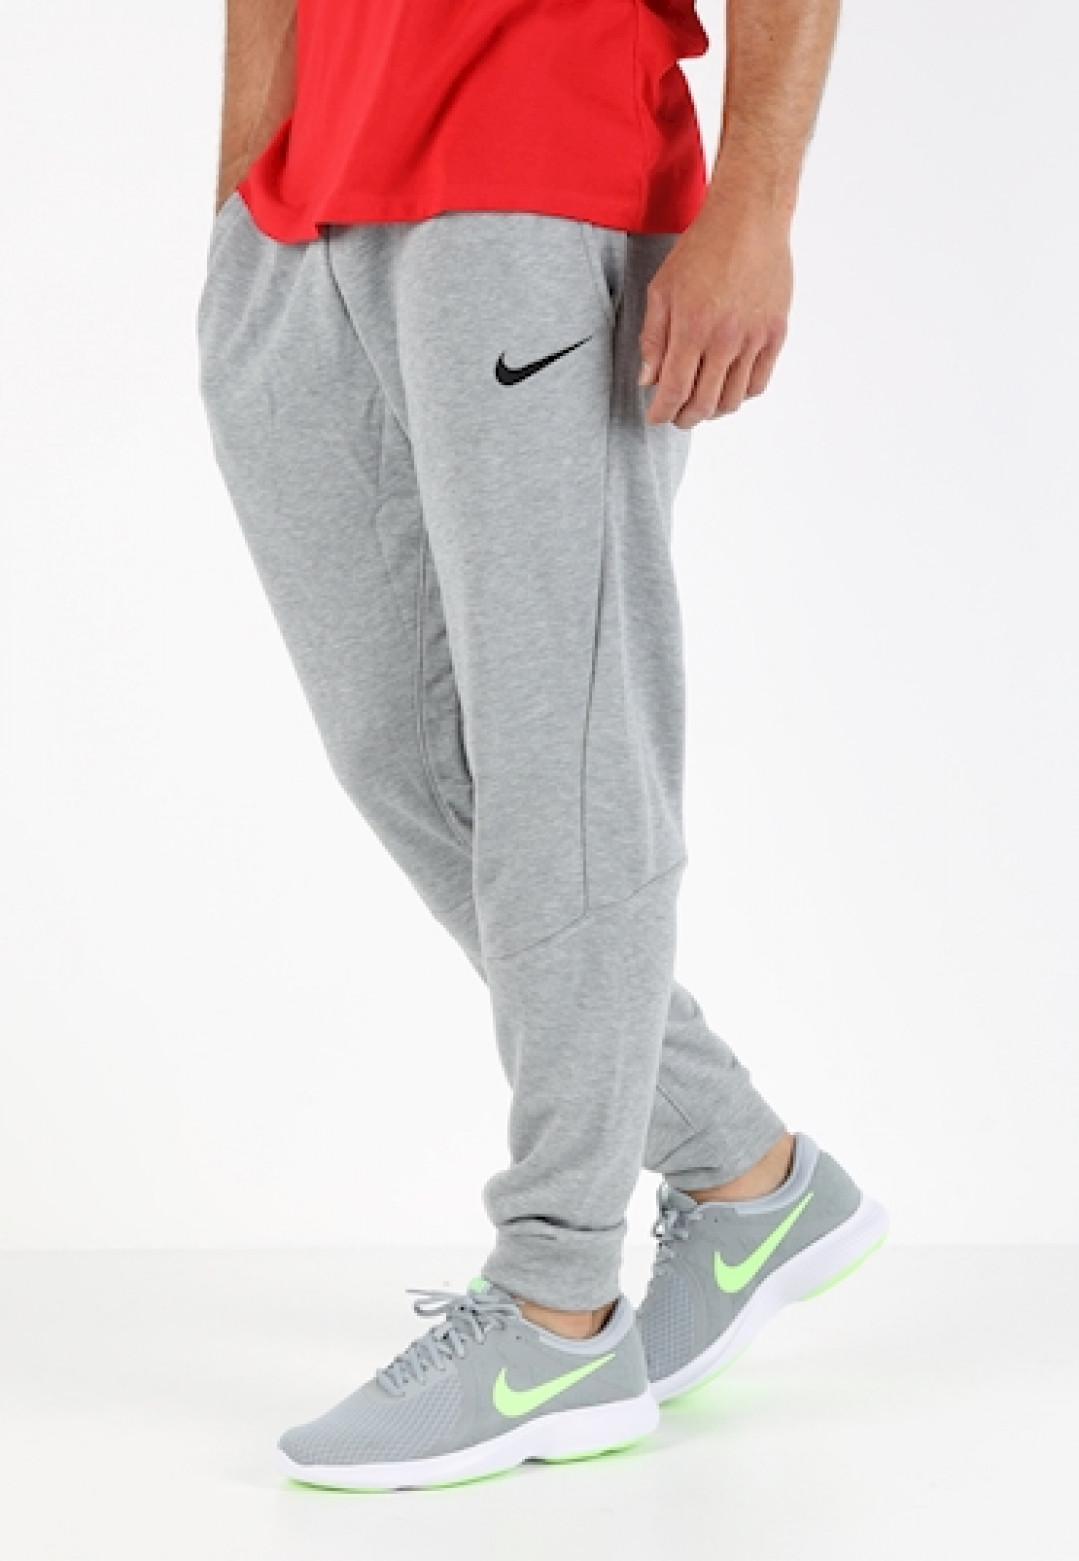 Jogger Nike Dri fit 860371